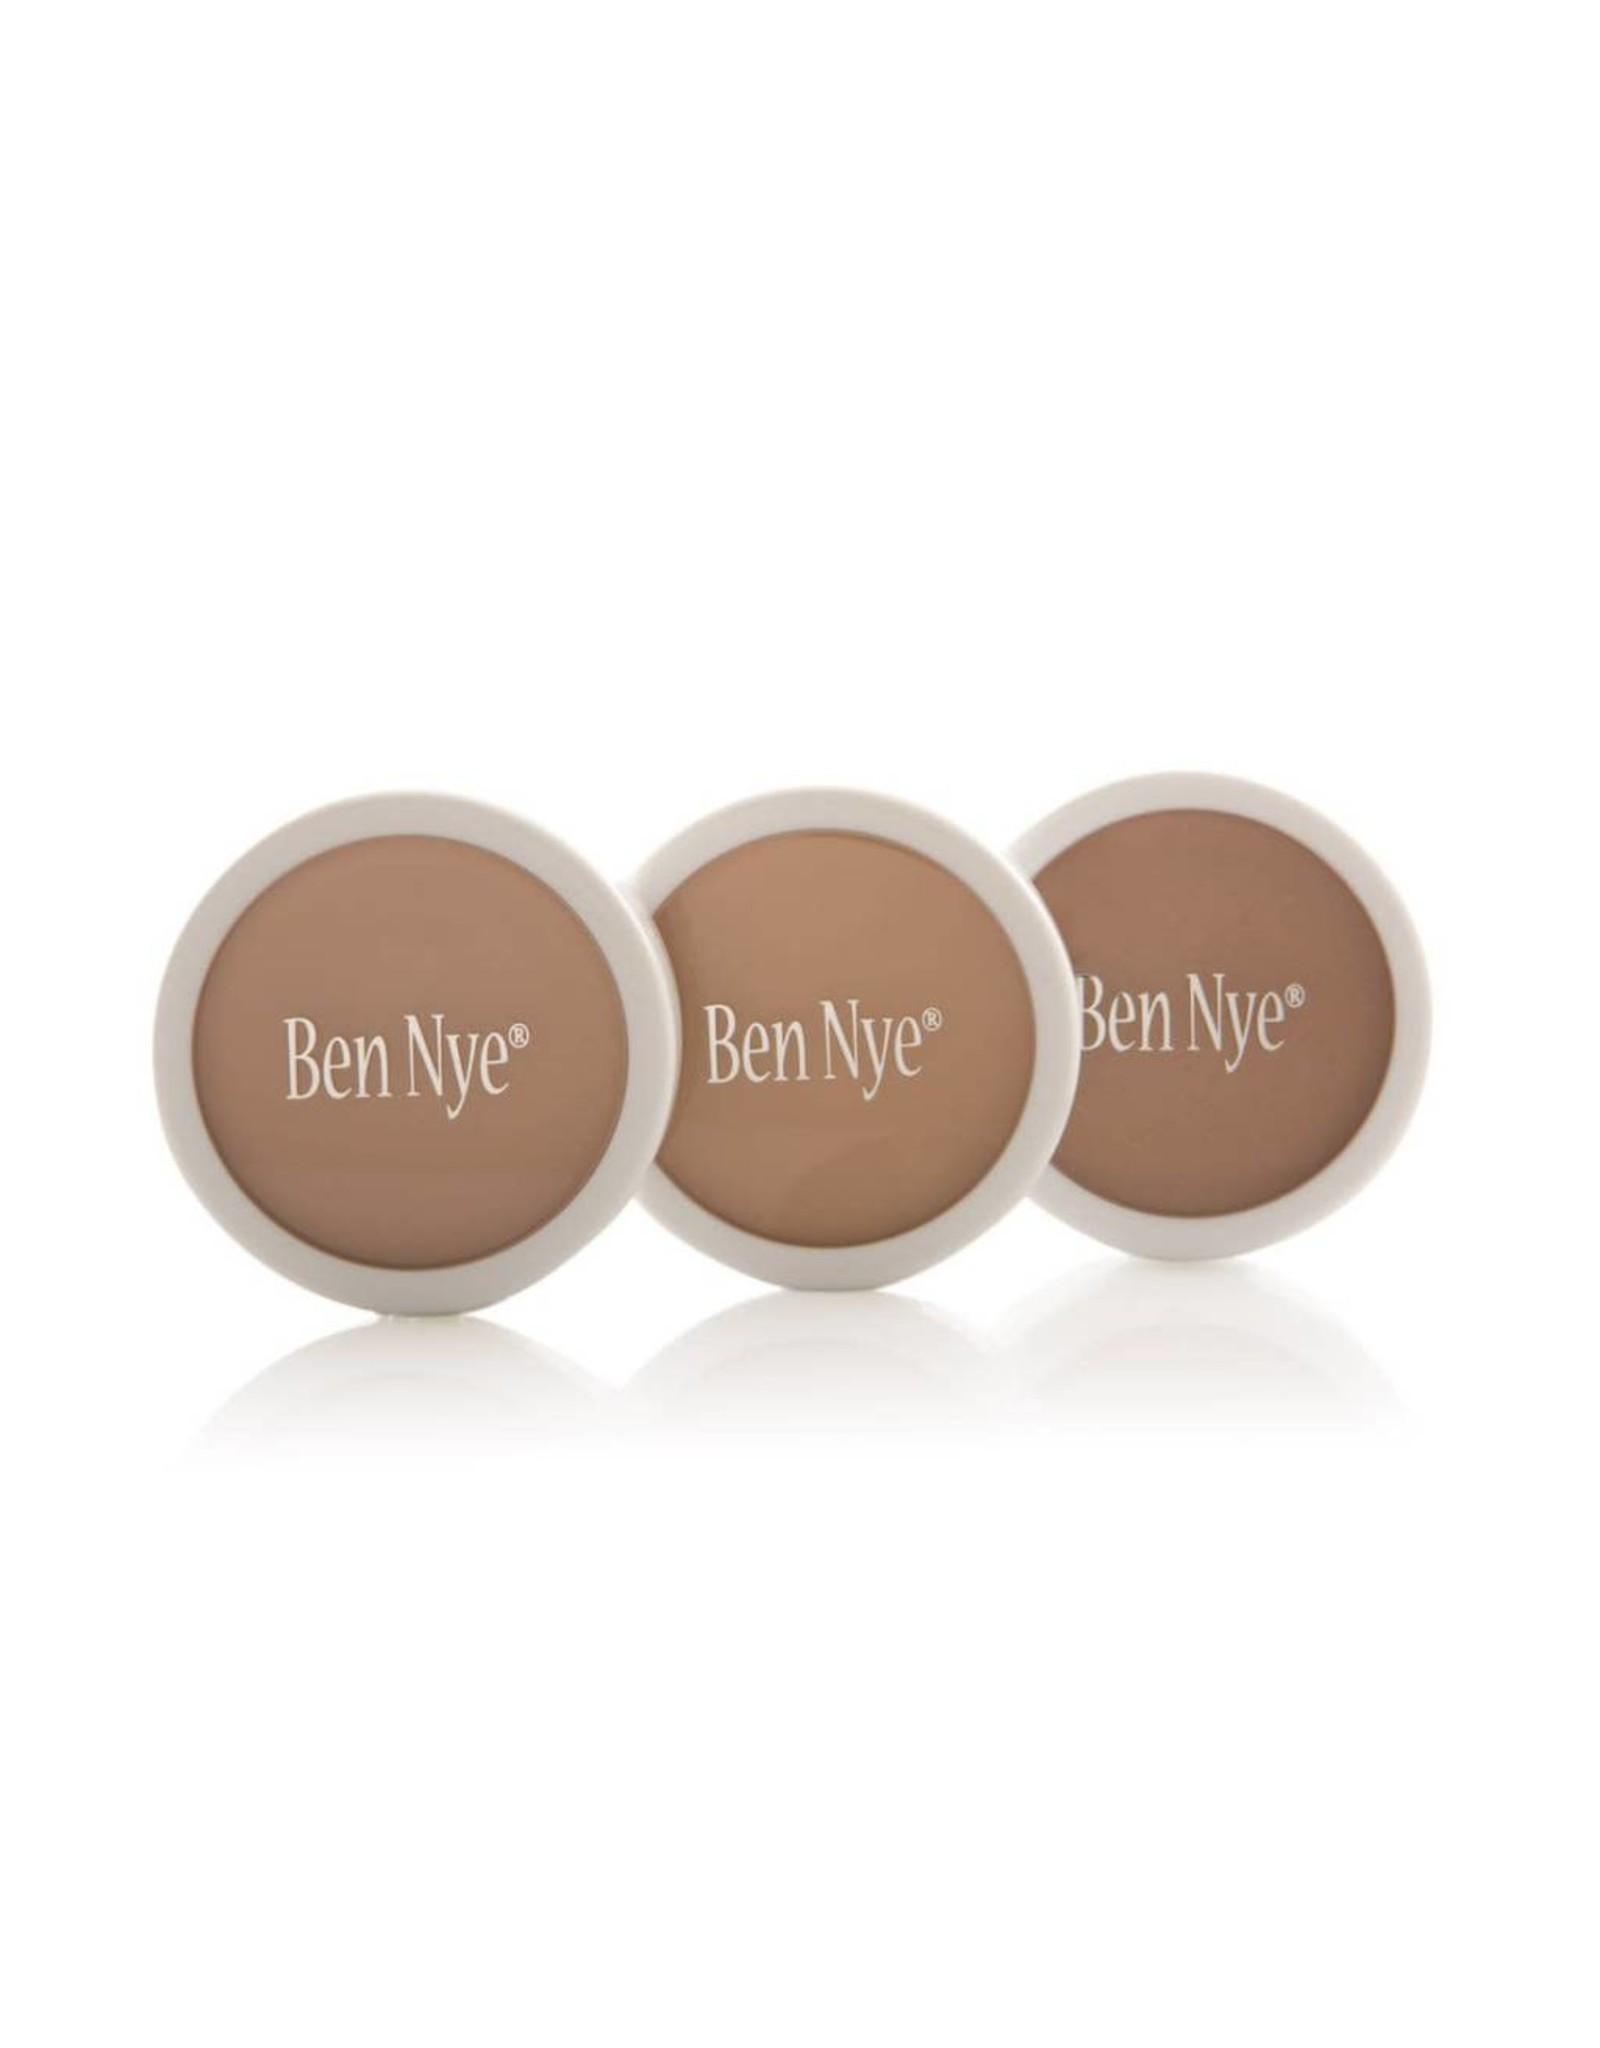 Ben Nye Ben Nye Creme Foundations